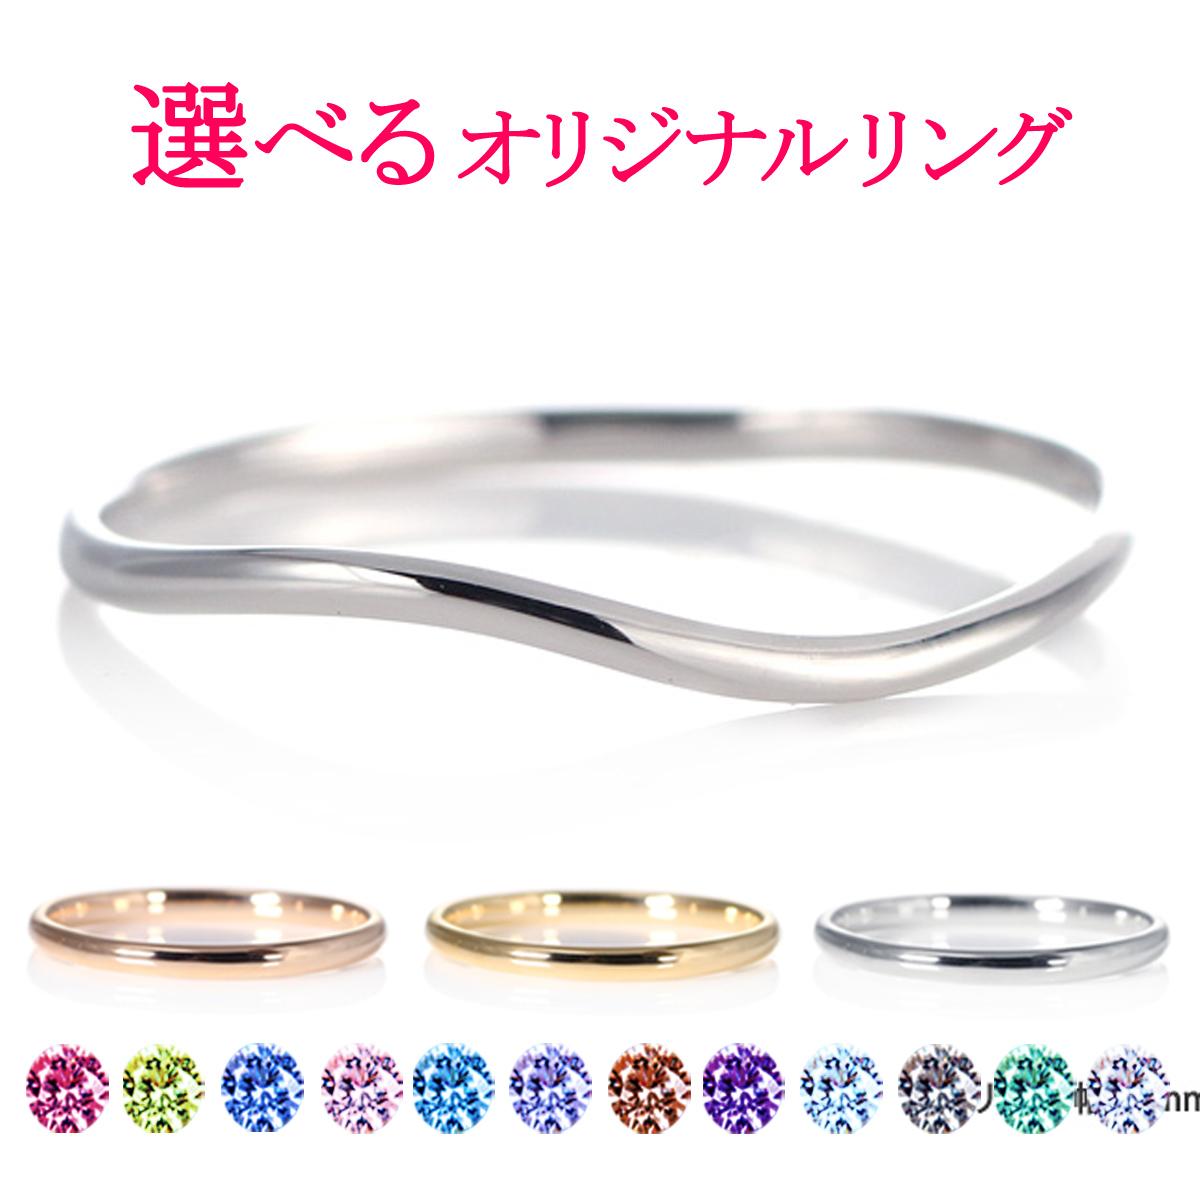 結婚指輪 マリッジリング プラチナ 甲丸 ウエーブ レディース